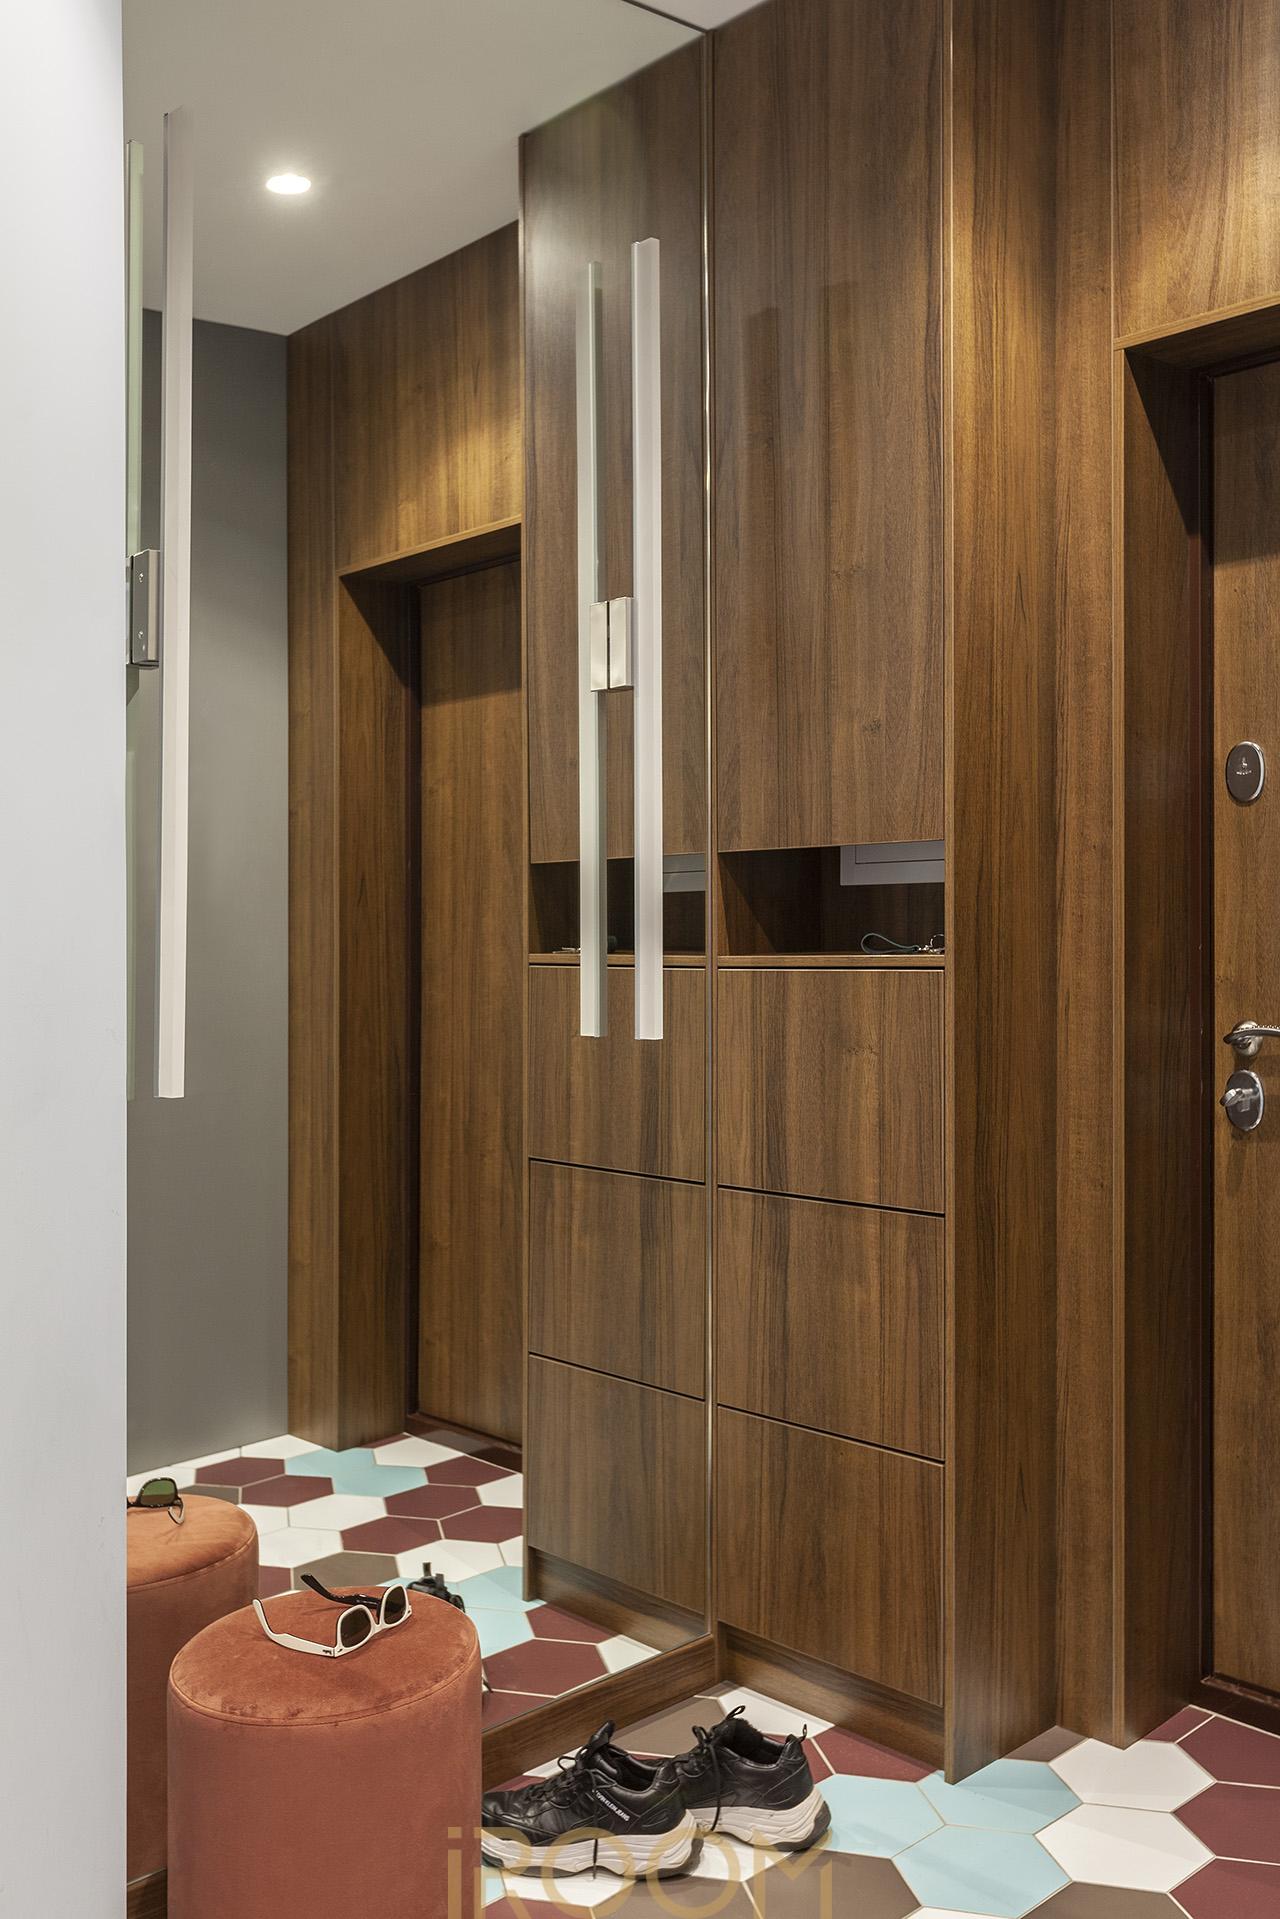 дизайн интерьера двухкомнатной квартиры прихожая мебель